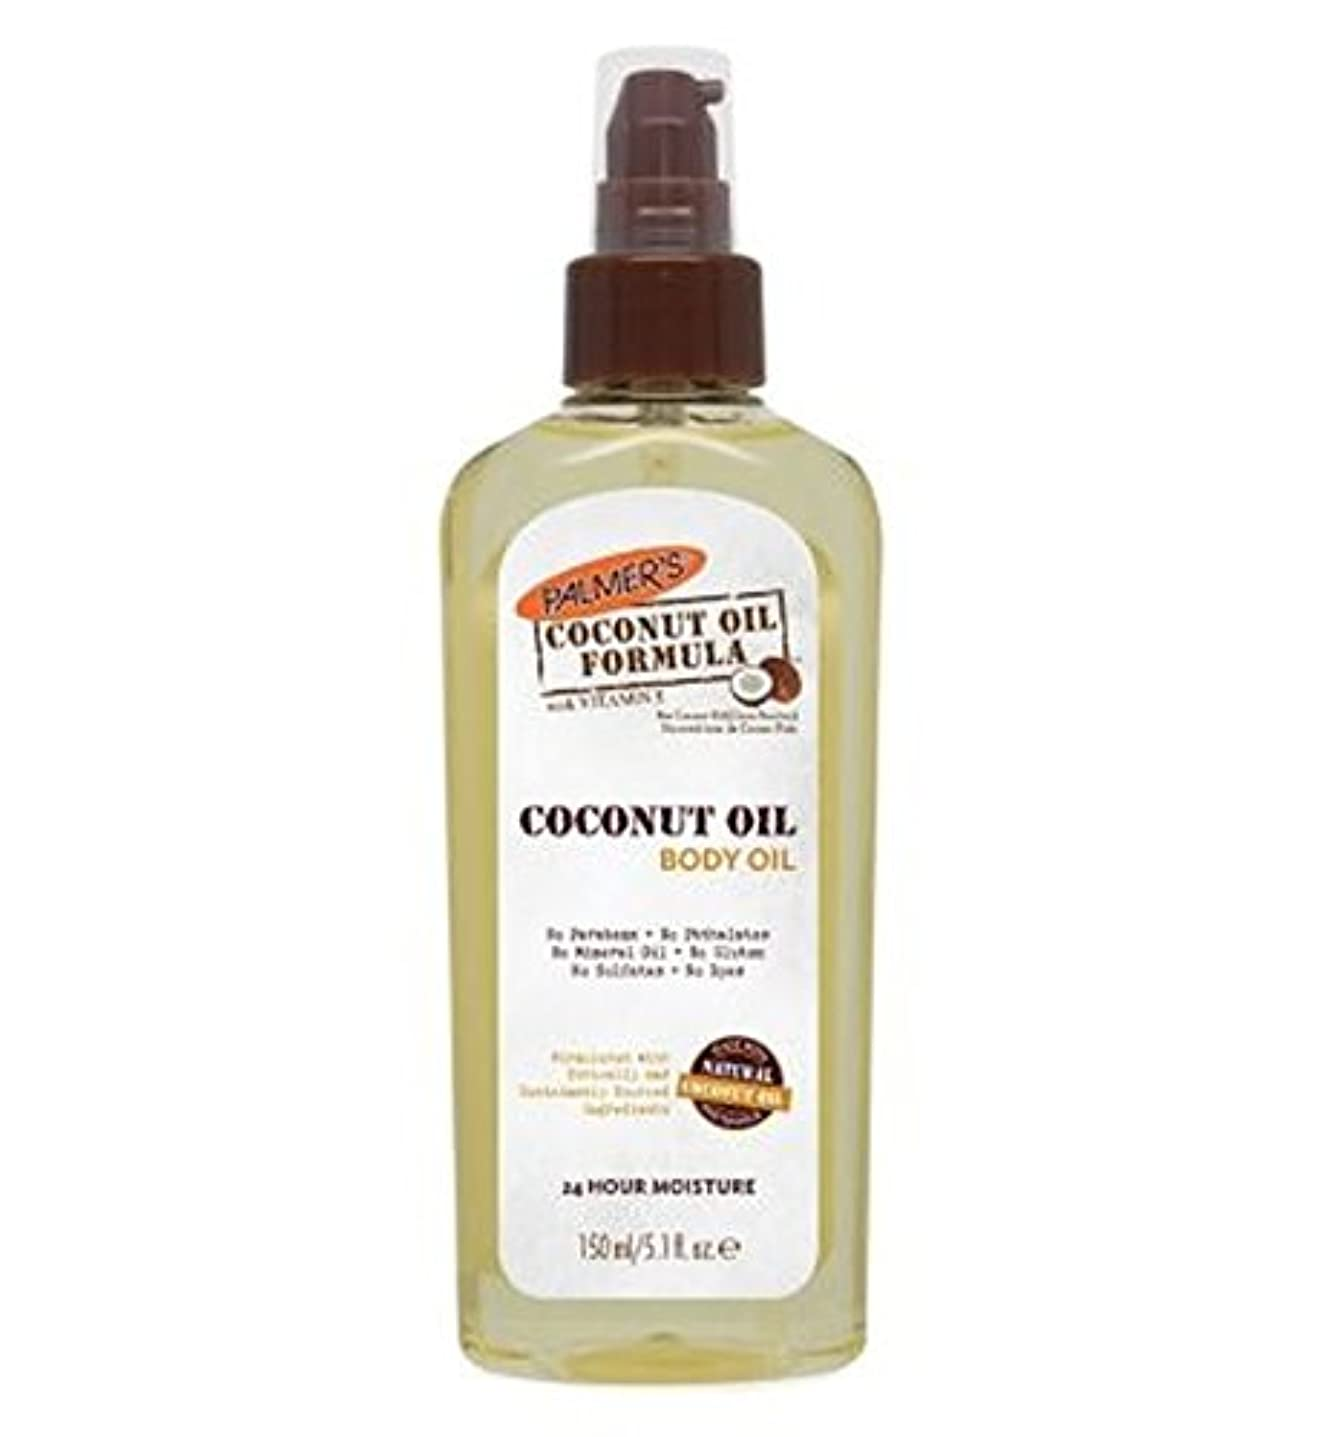 いちゃつく雄弁なマトロンPalmer's Coconut Oil Formula Body Oil 150ml - パーマーのココナッツオイル式ボディオイル150ミリリットル (Palmer's) [並行輸入品]